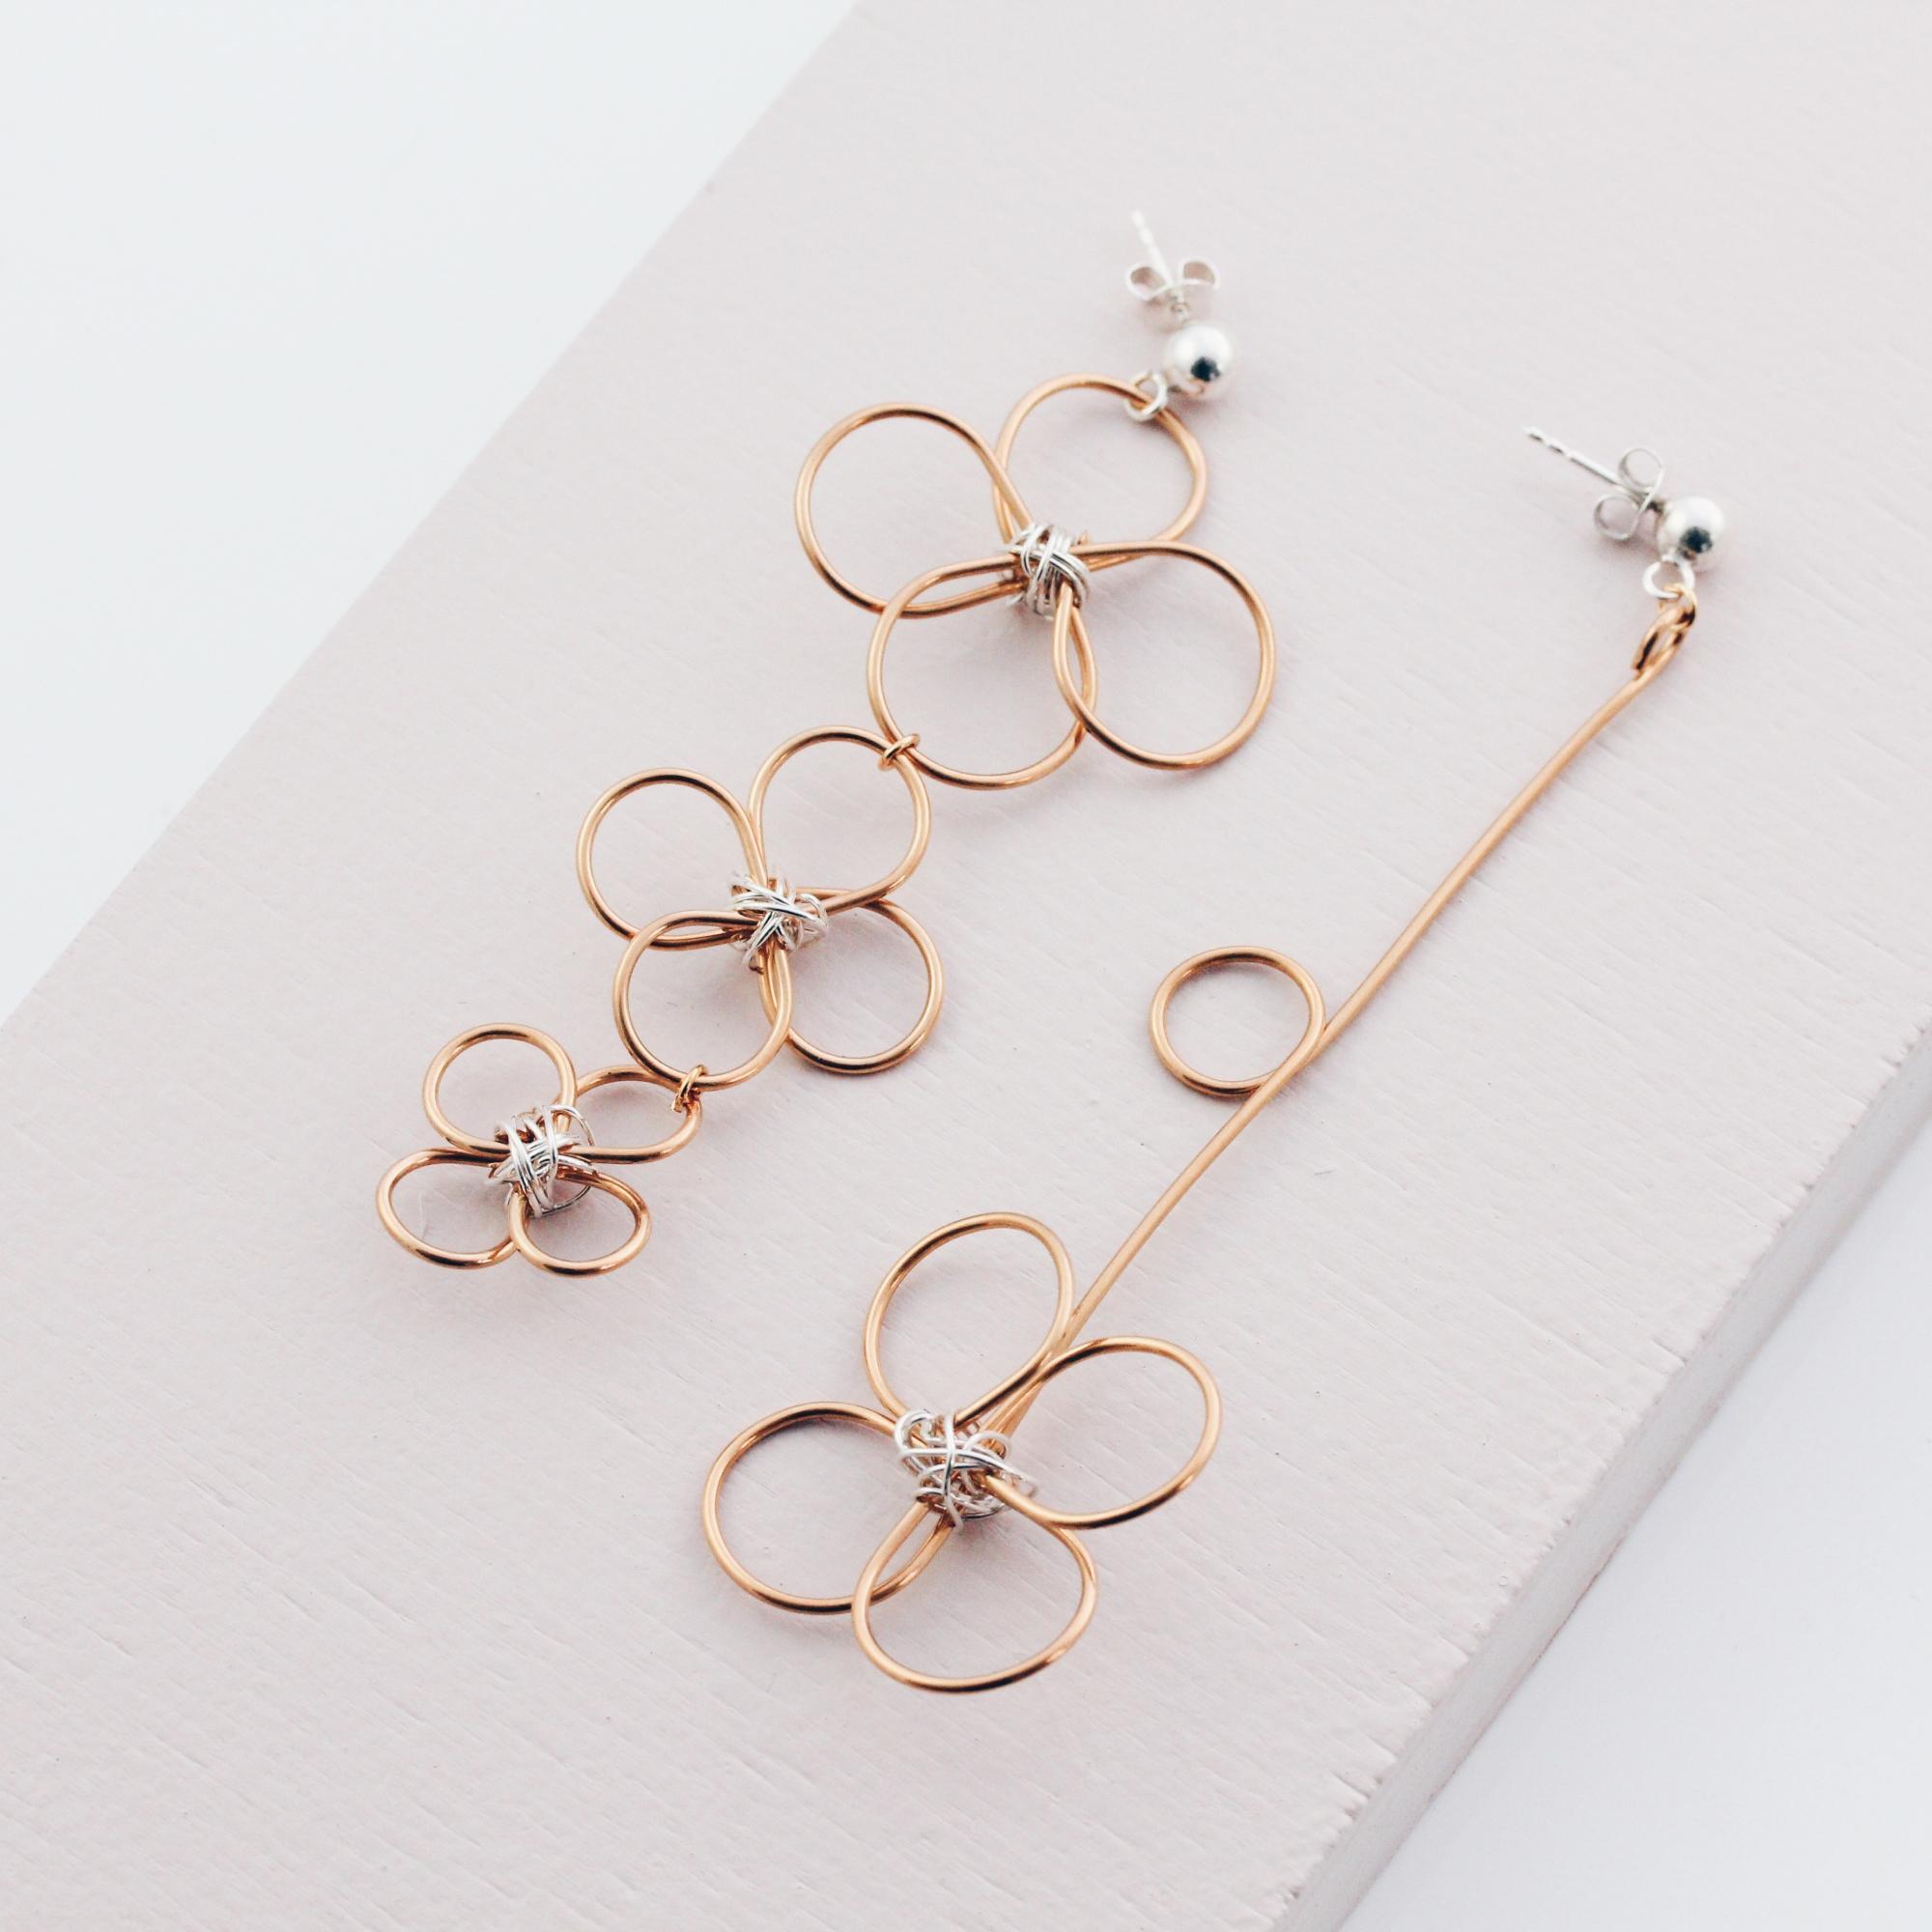 Blumen Ohrringe in Gold und Silber Madeleine Issing